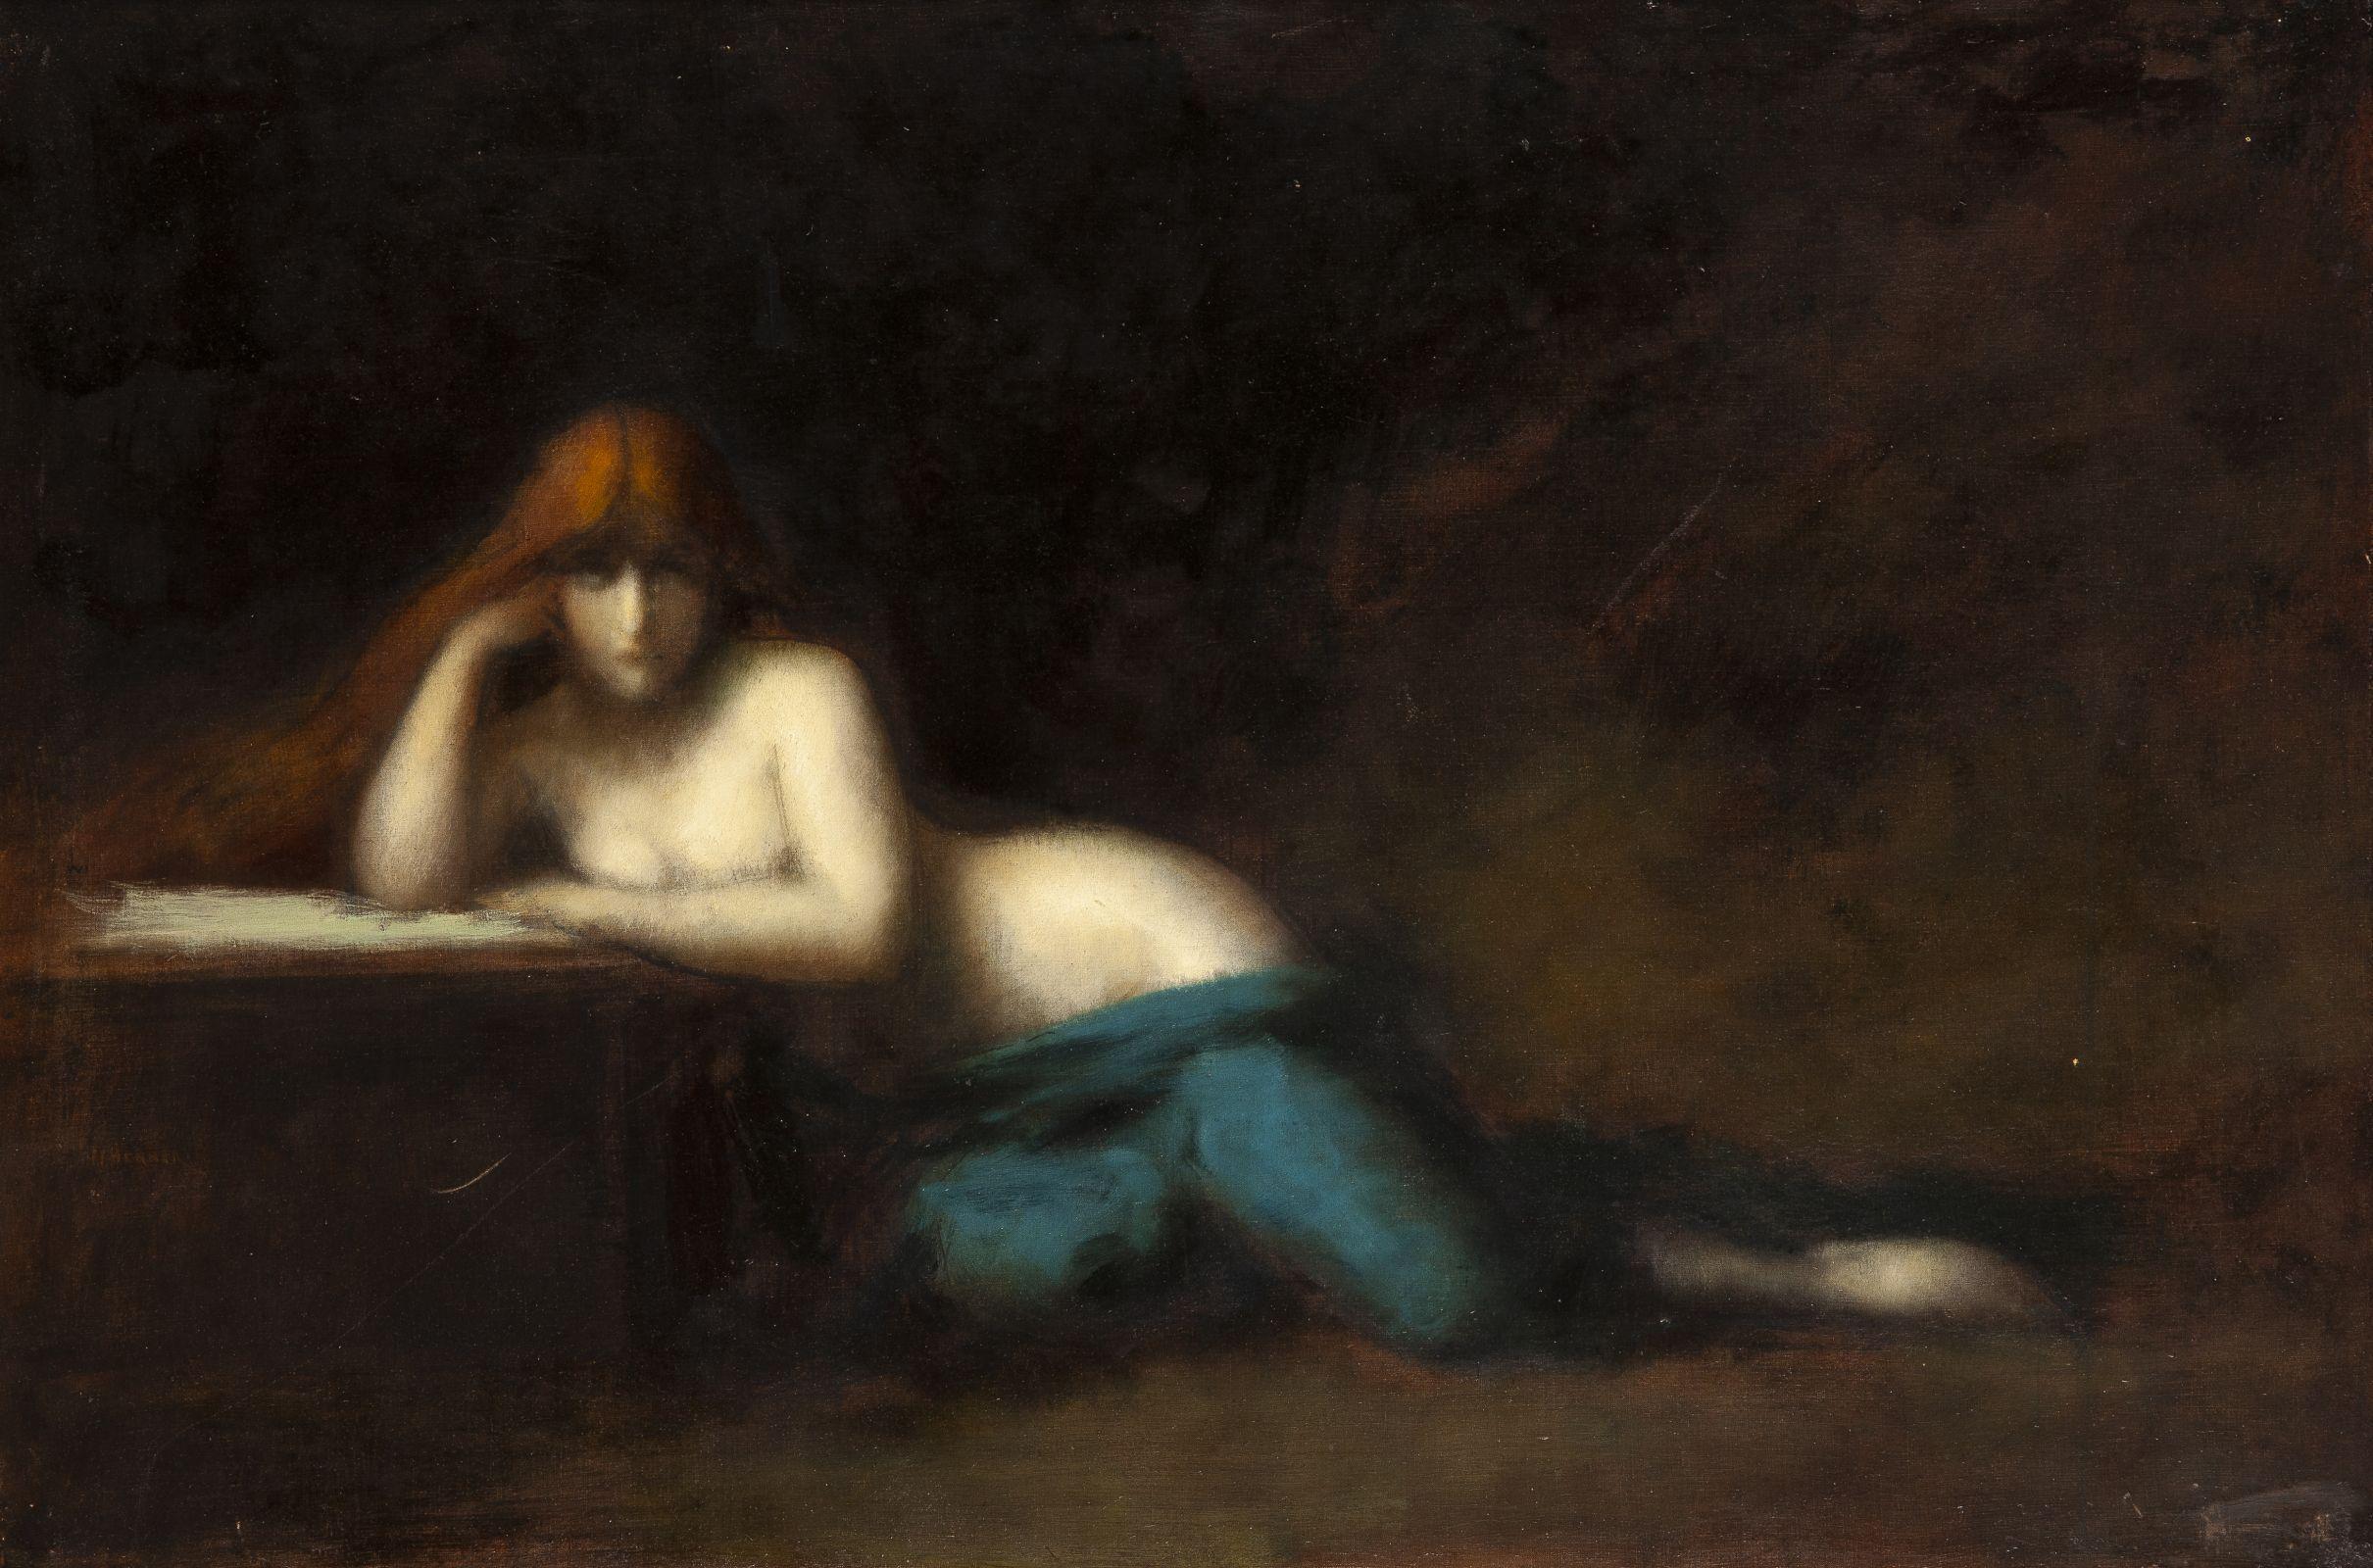 Jean-Jacques Henner, Liseuse. Réplique tardive, vers 1890, huile sur toile, collection particulière © archives de l'expert